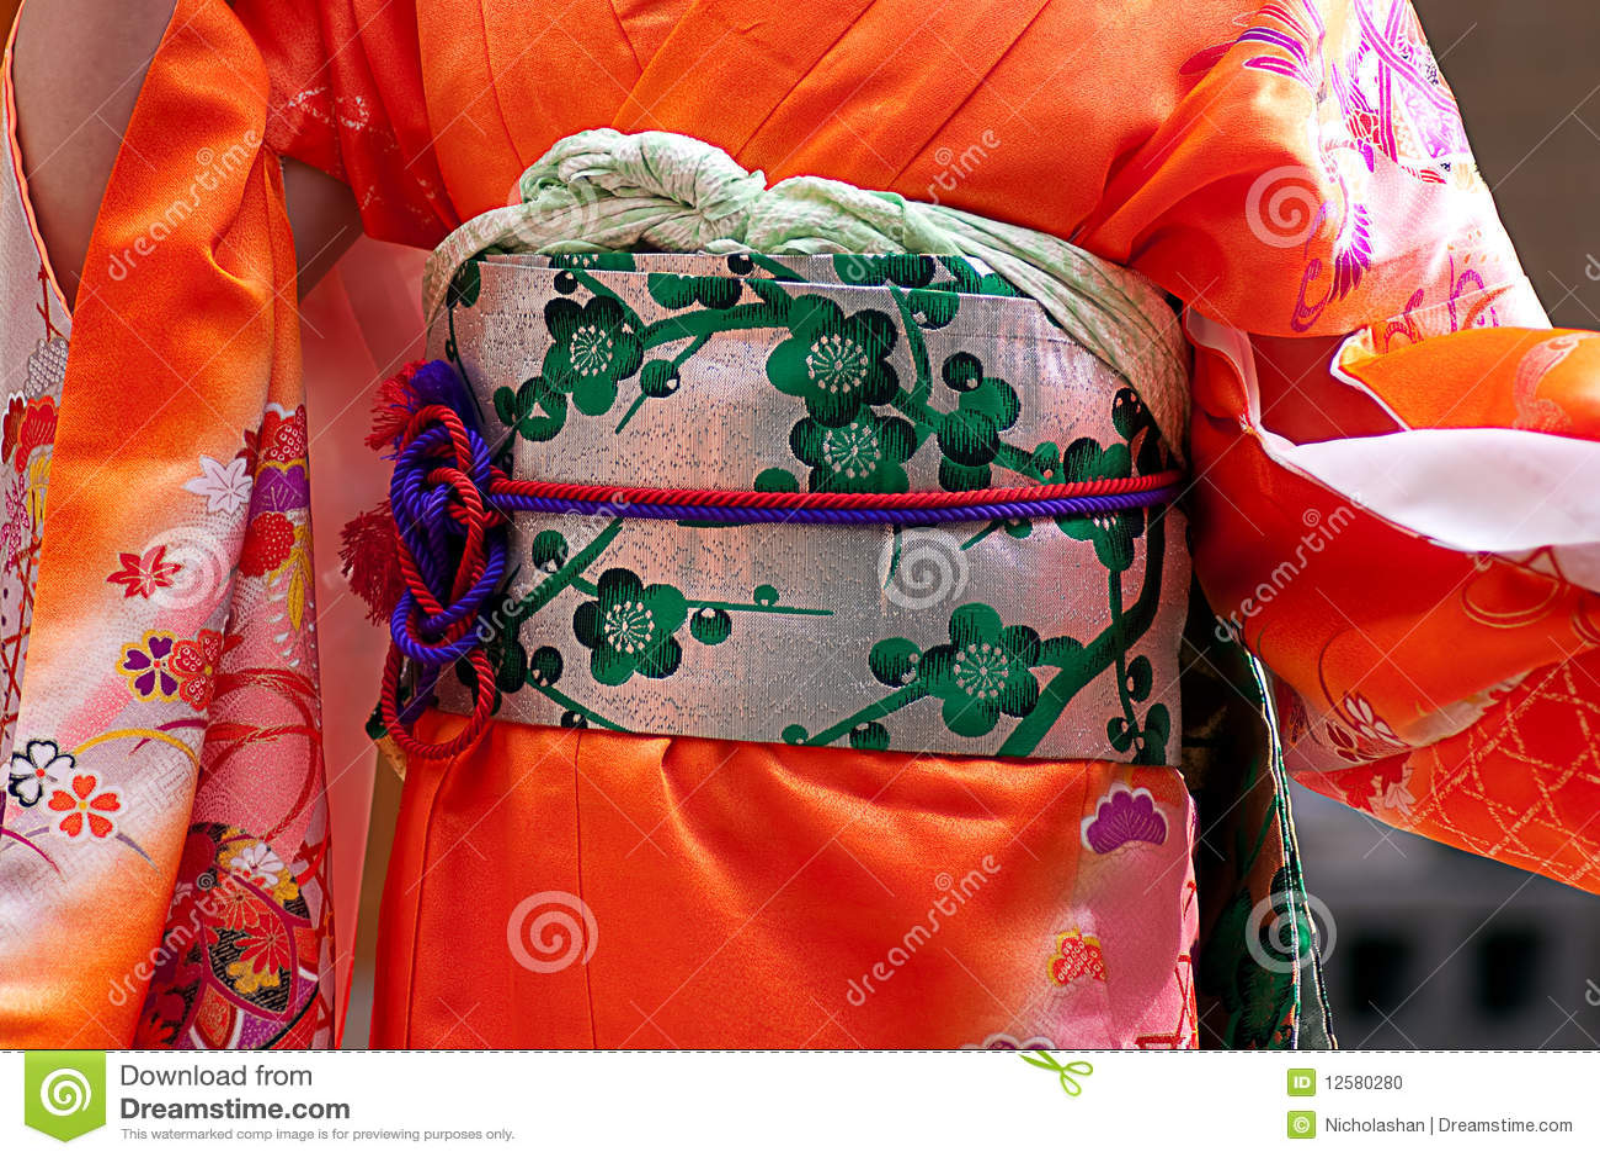 Traditionelle Japanische Kleidung Stockfoto Bild 12580280